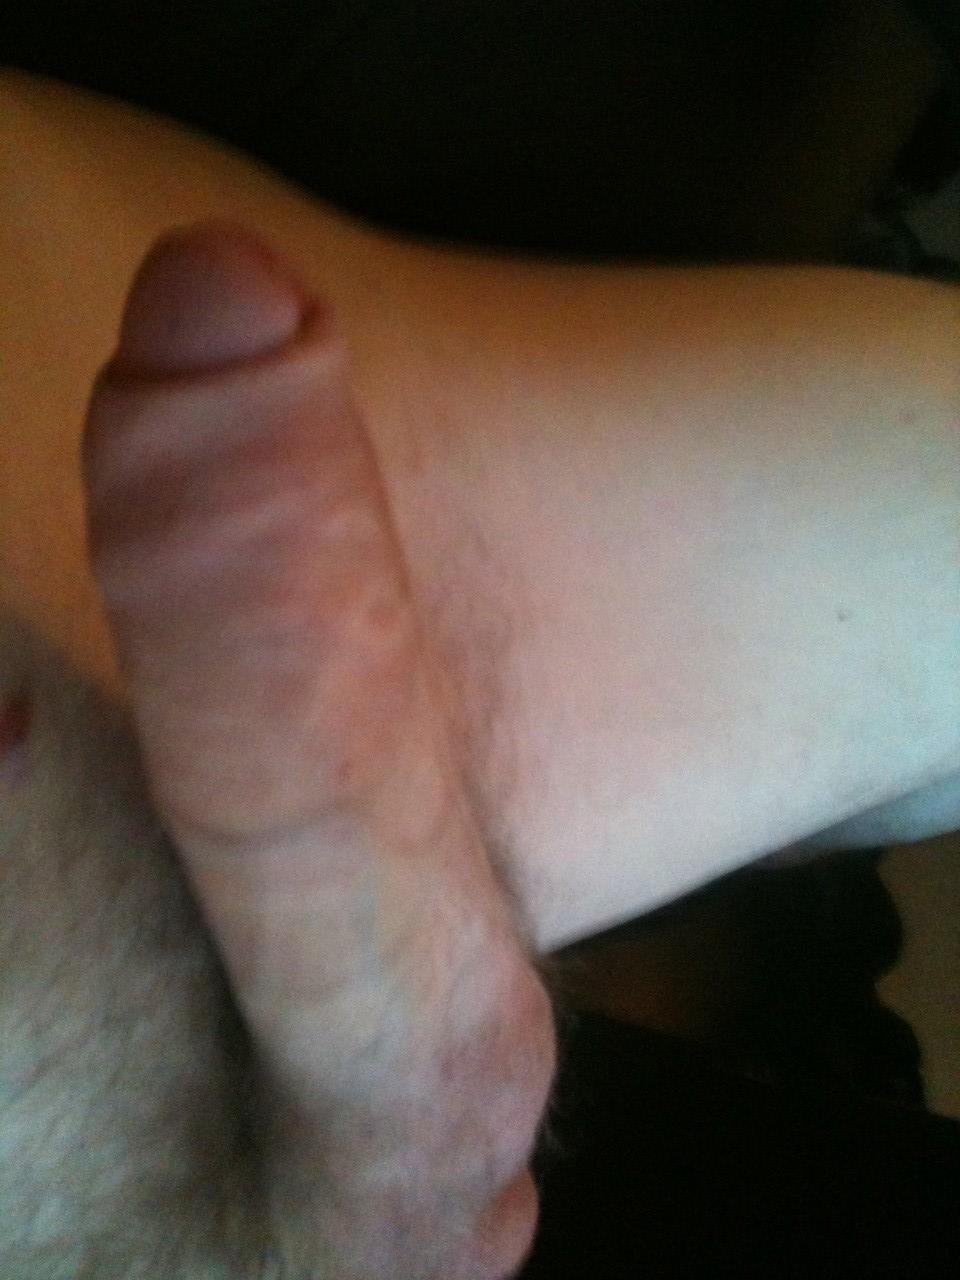 http://dating.rs/slike/837/006.jpg